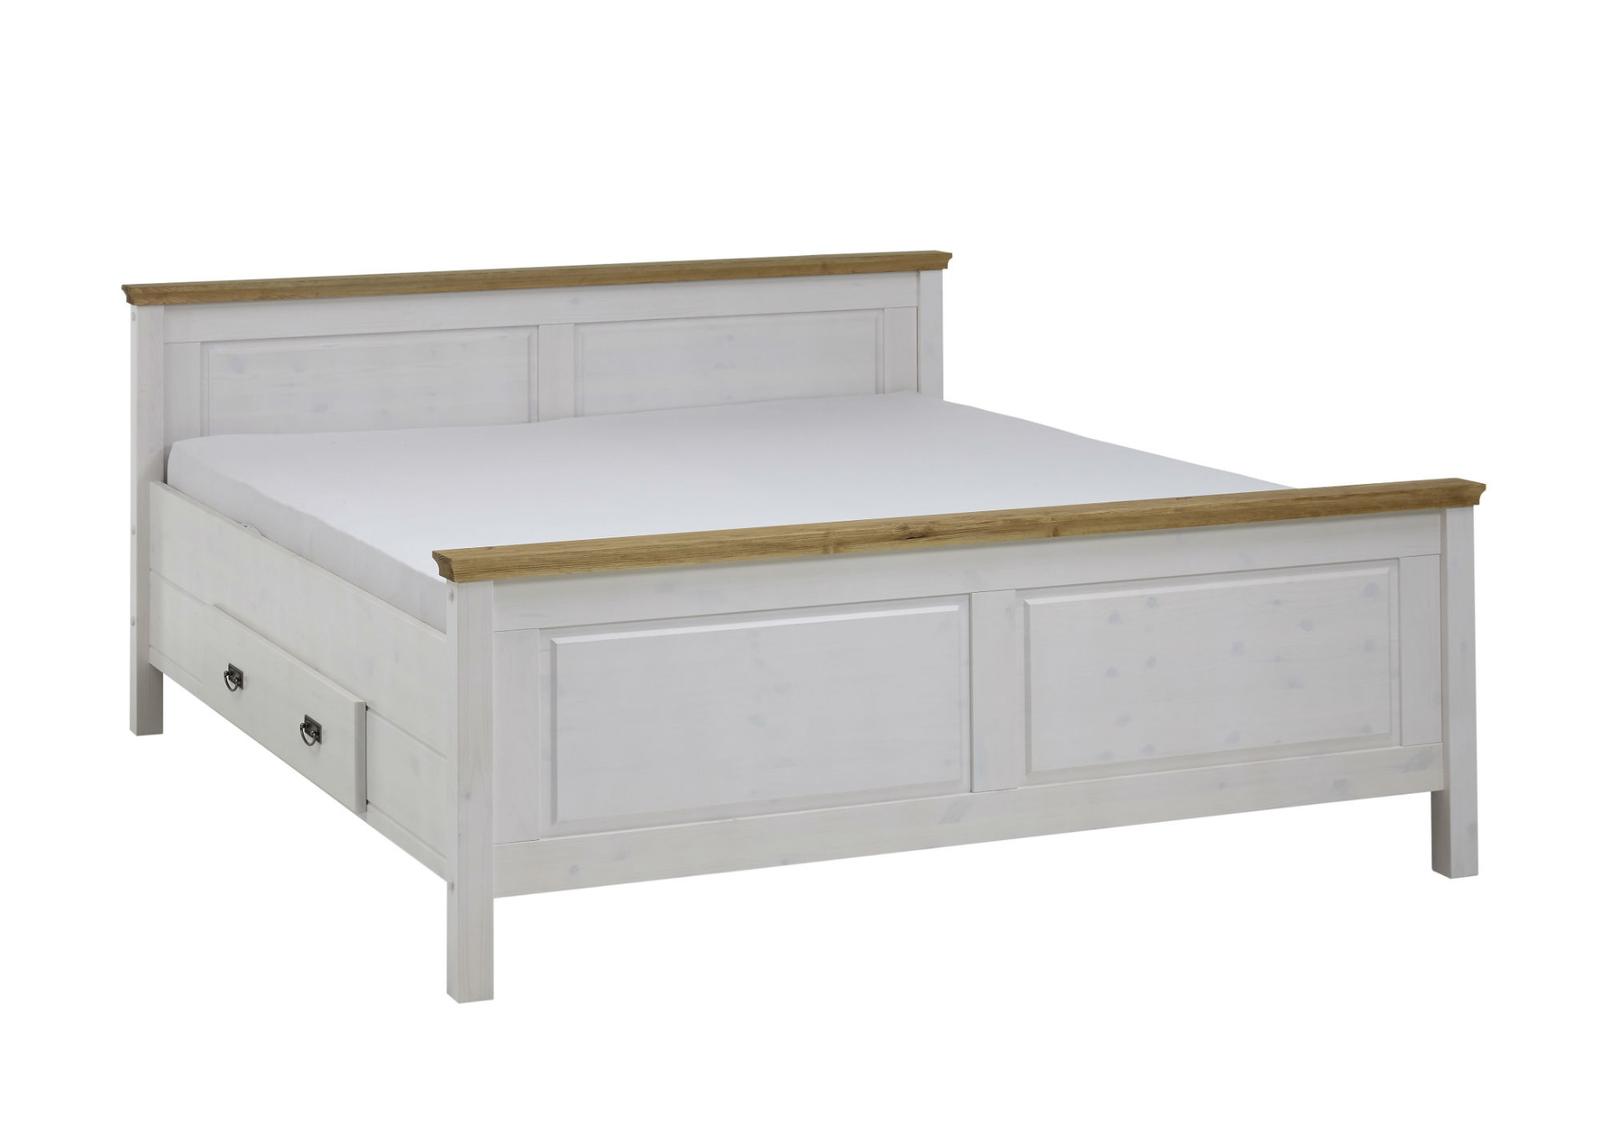 ... Massivholz Schlafzimmer Bett Landhausstil Harri Weiß Gelaugt Geölt,  Bild 2 ...